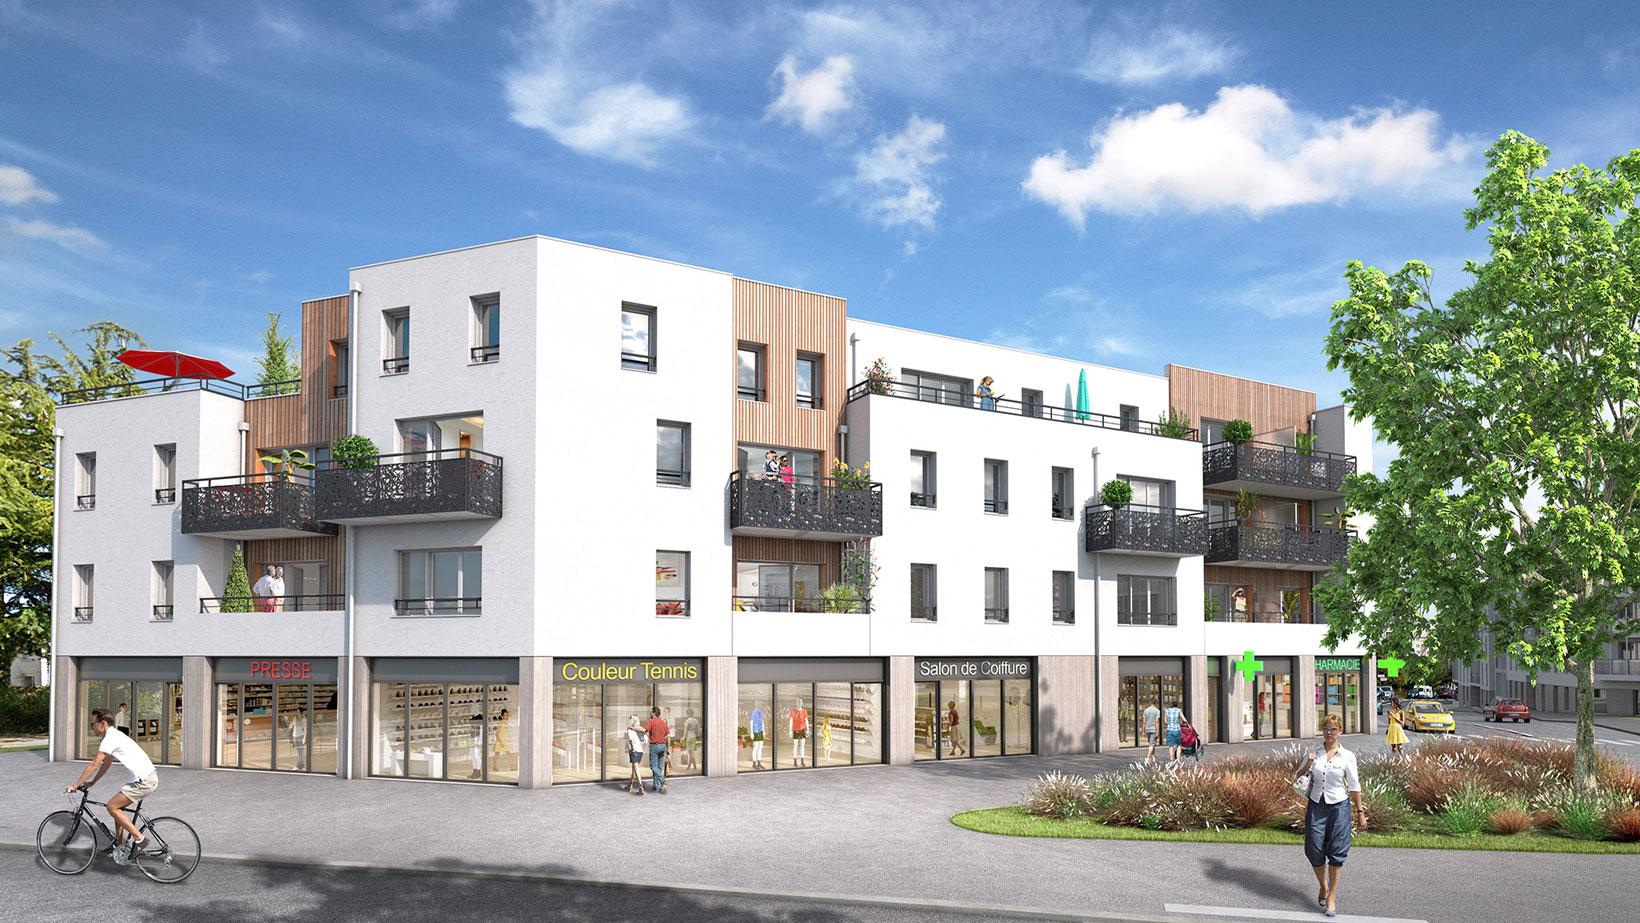 Achat maison neuve 1er site immobilier for Achat maison neuve 53